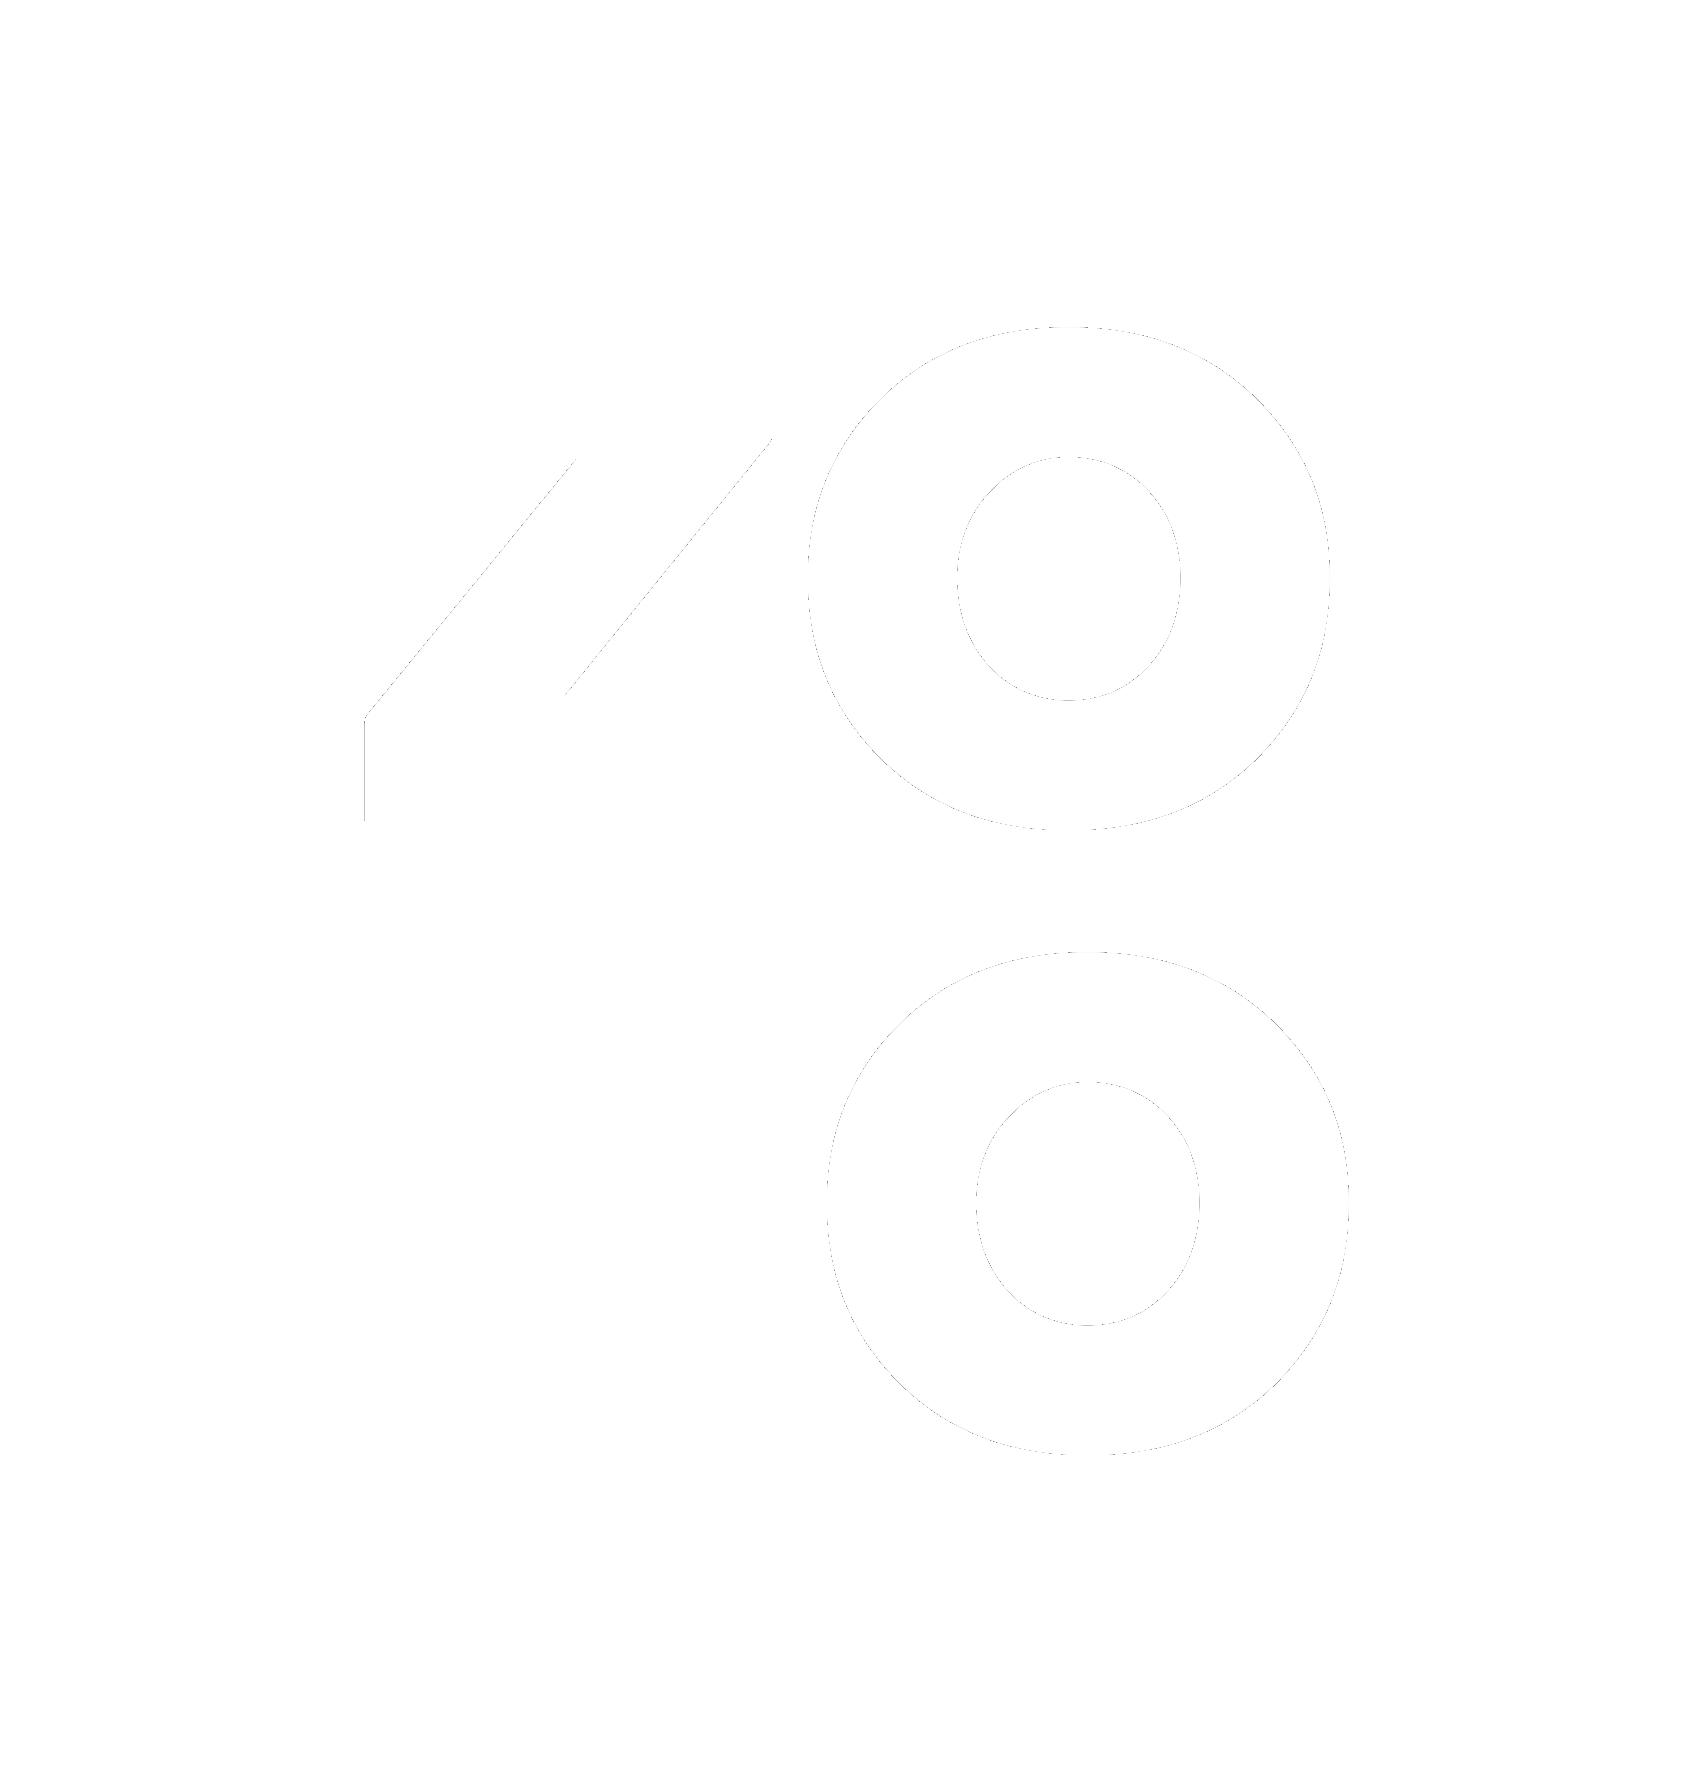 Zoe Tollenaar